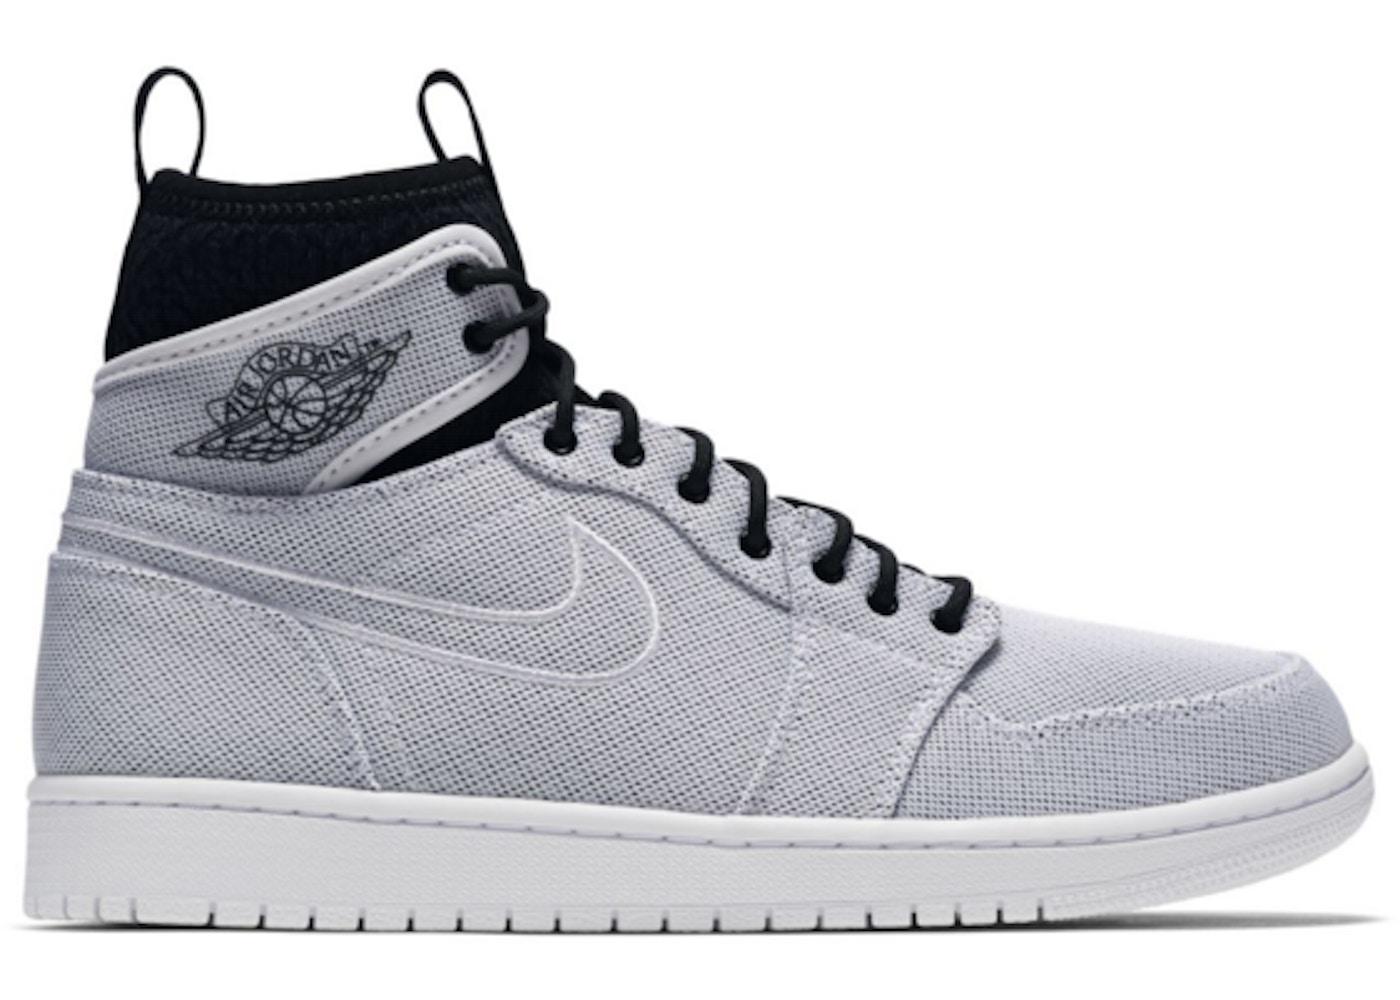 sports shoes 36d6e 59e7c Jordan 1 Retro Ultra High White Black